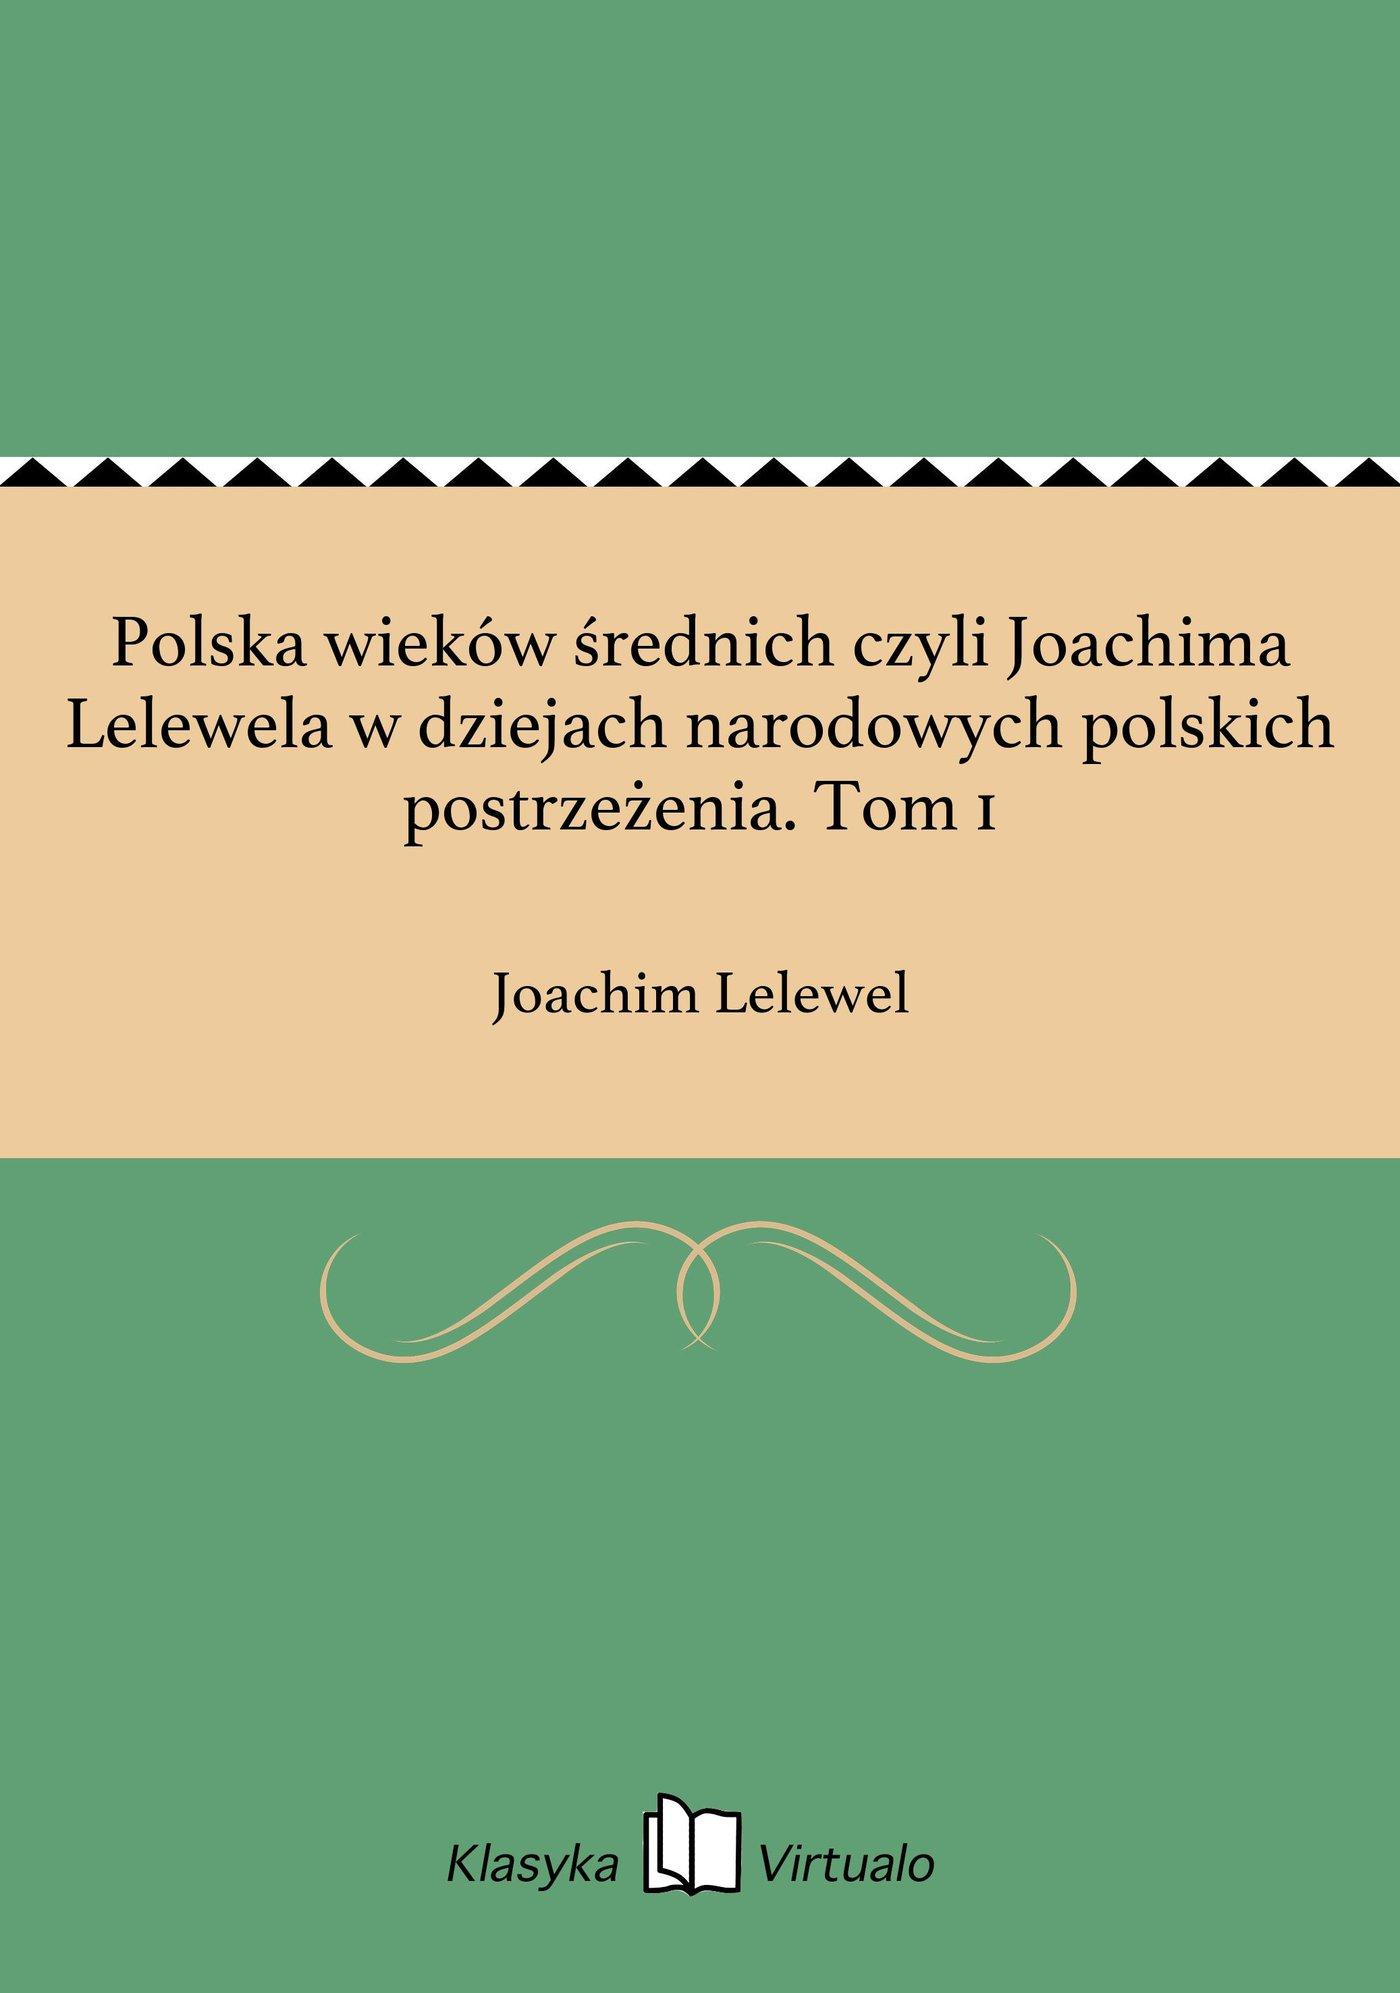 Polska wieków średnich czyli Joachima Lelewela w dziejach narodowych polskich postrzeżenia. Tom 1 - Ebook (Książka EPUB) do pobrania w formacie EPUB